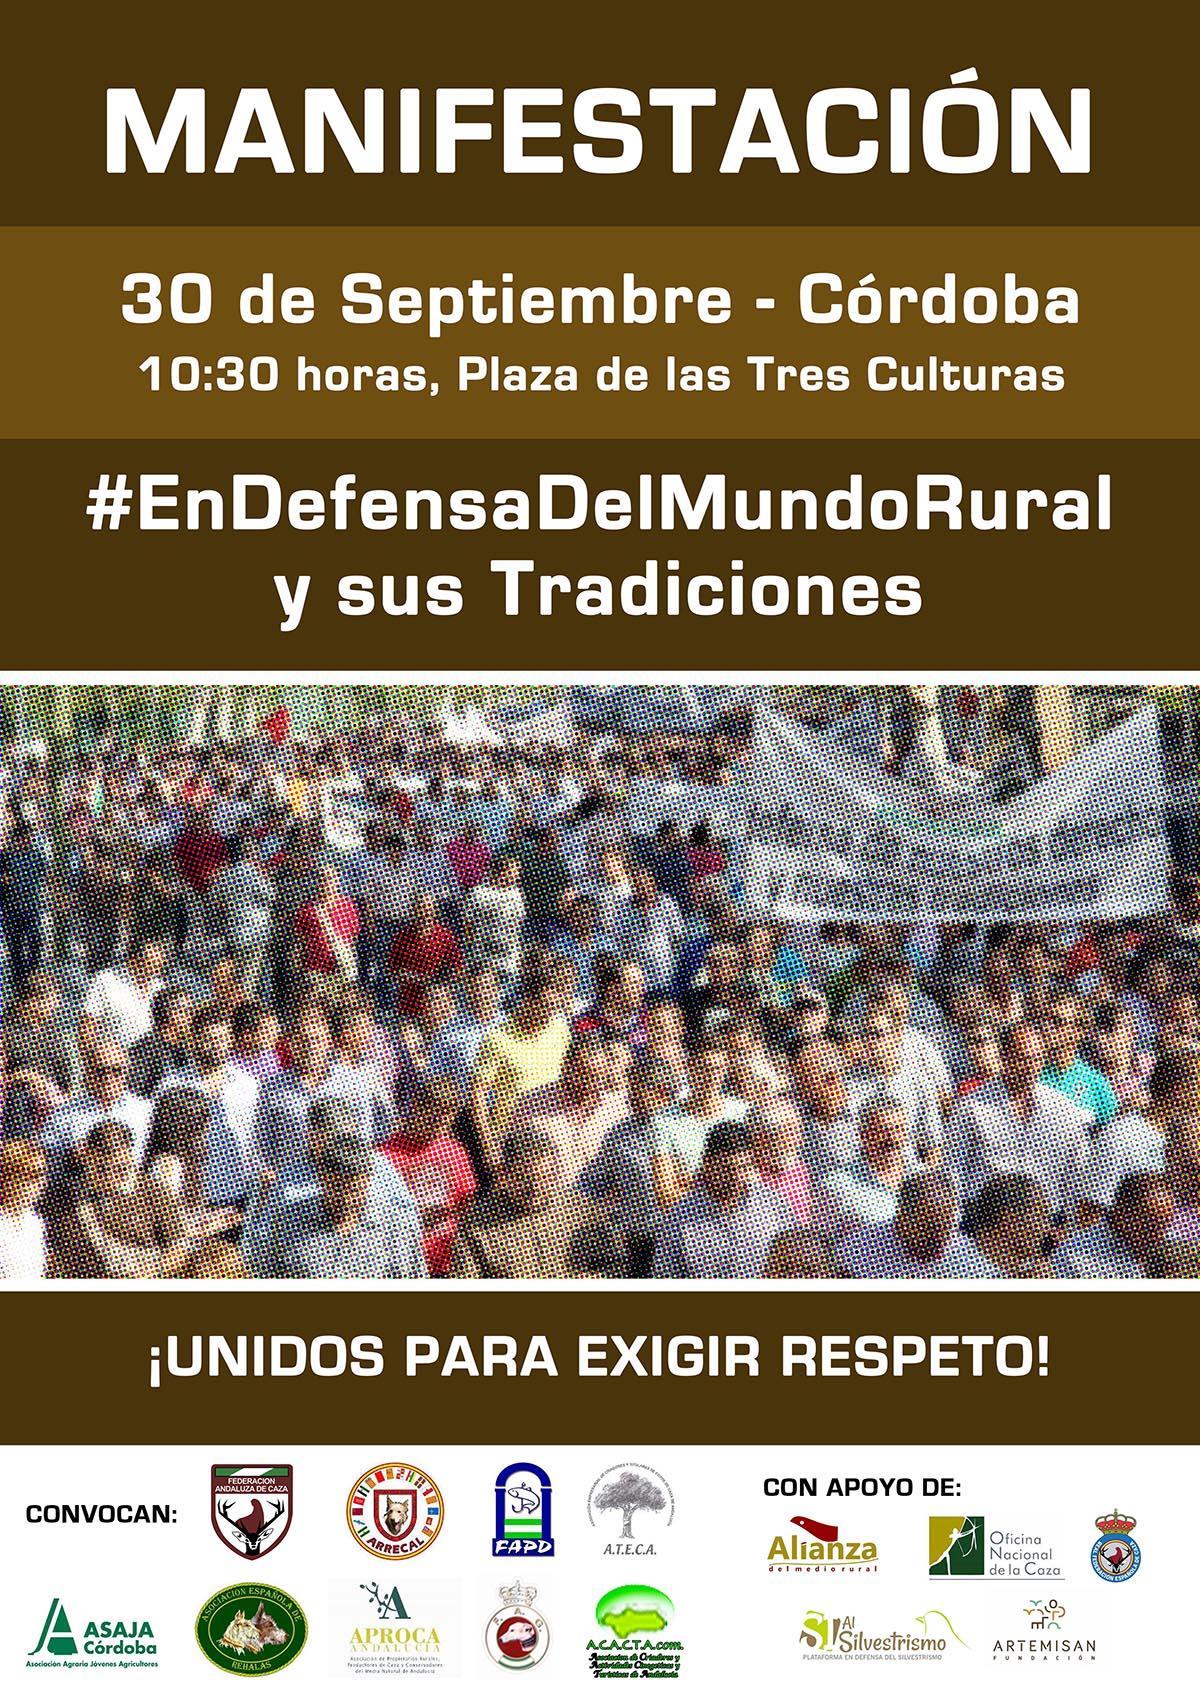 El mundo rural se reivindicará el 30 de septiembre con una manifestación